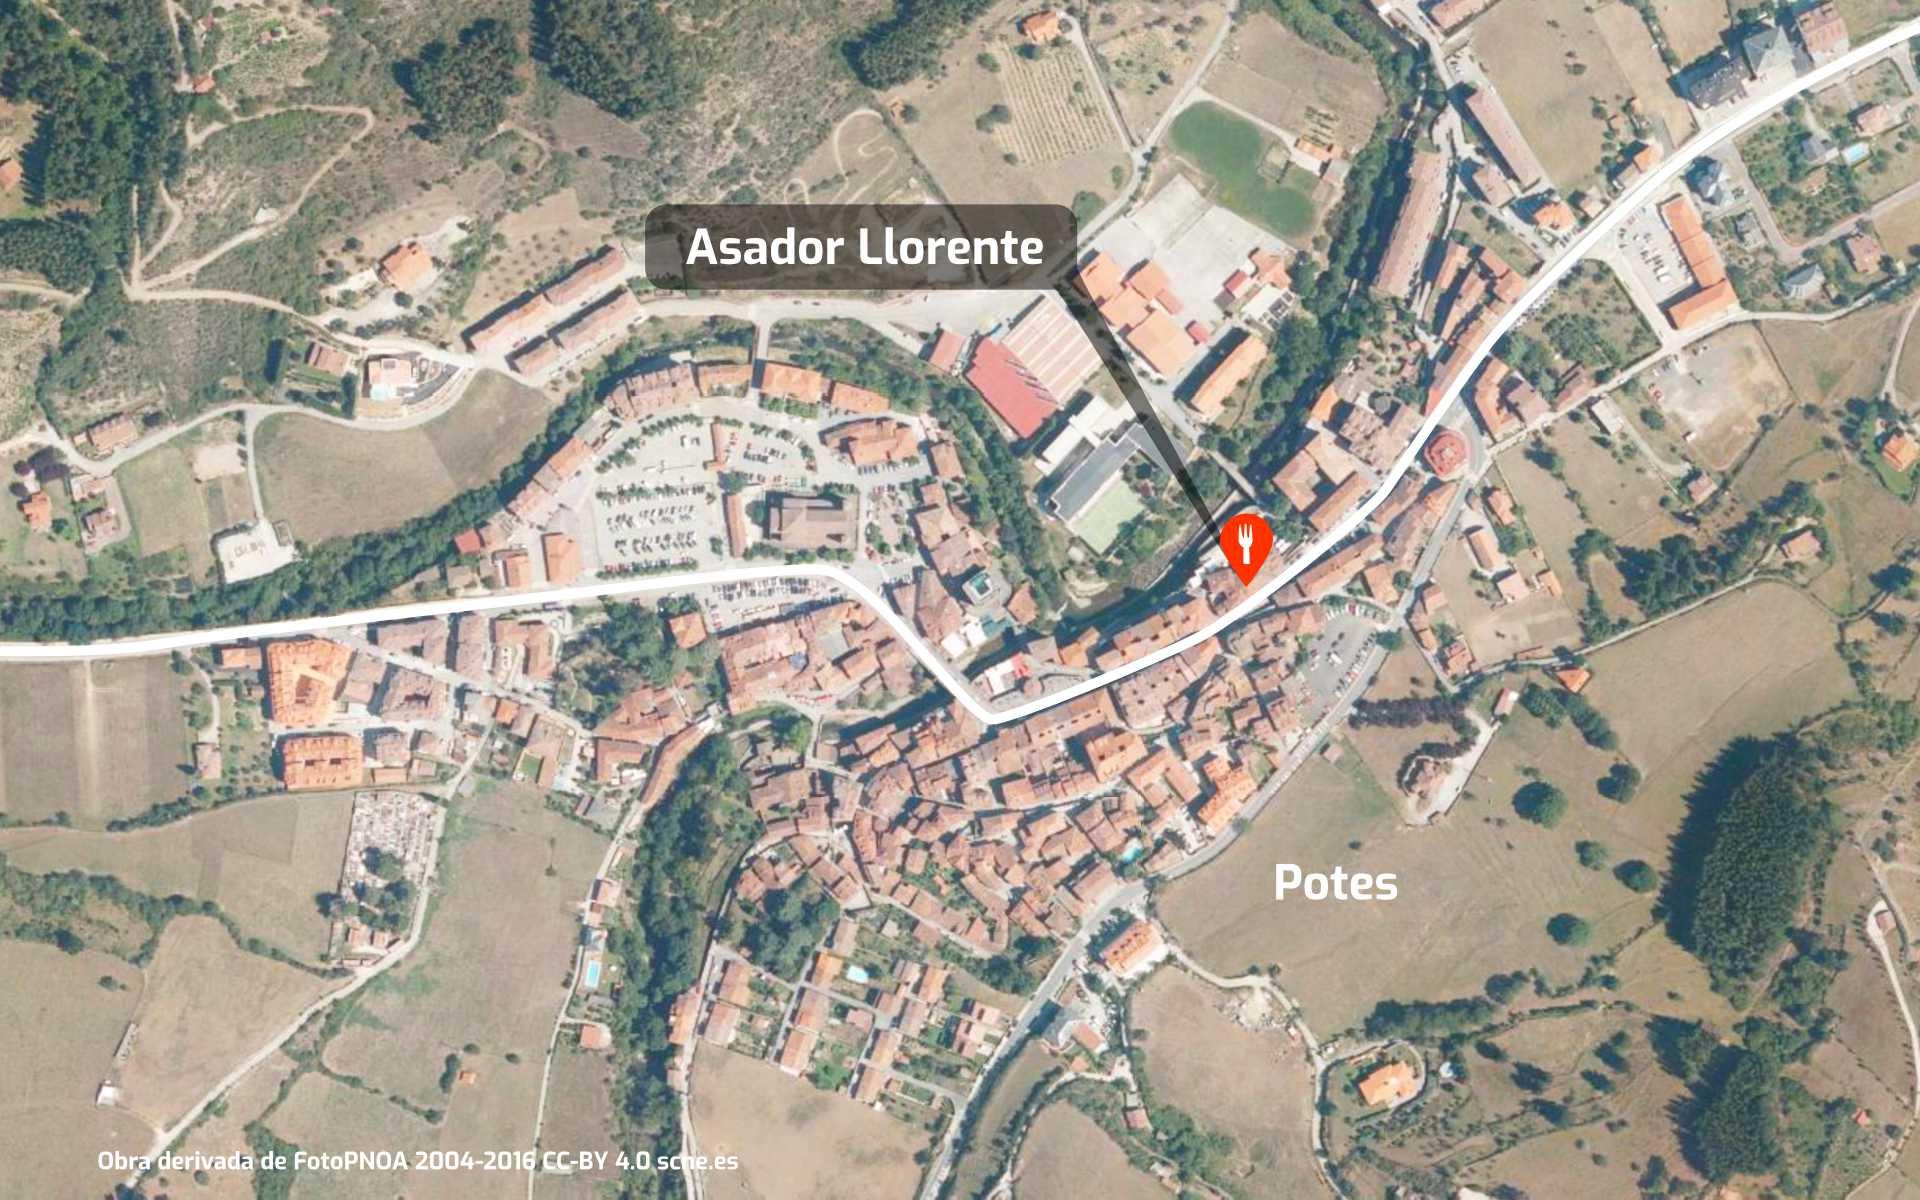 Mapa de cómo llegar al restaurante Asador Llorente en Potes, Liébana, Cantabria